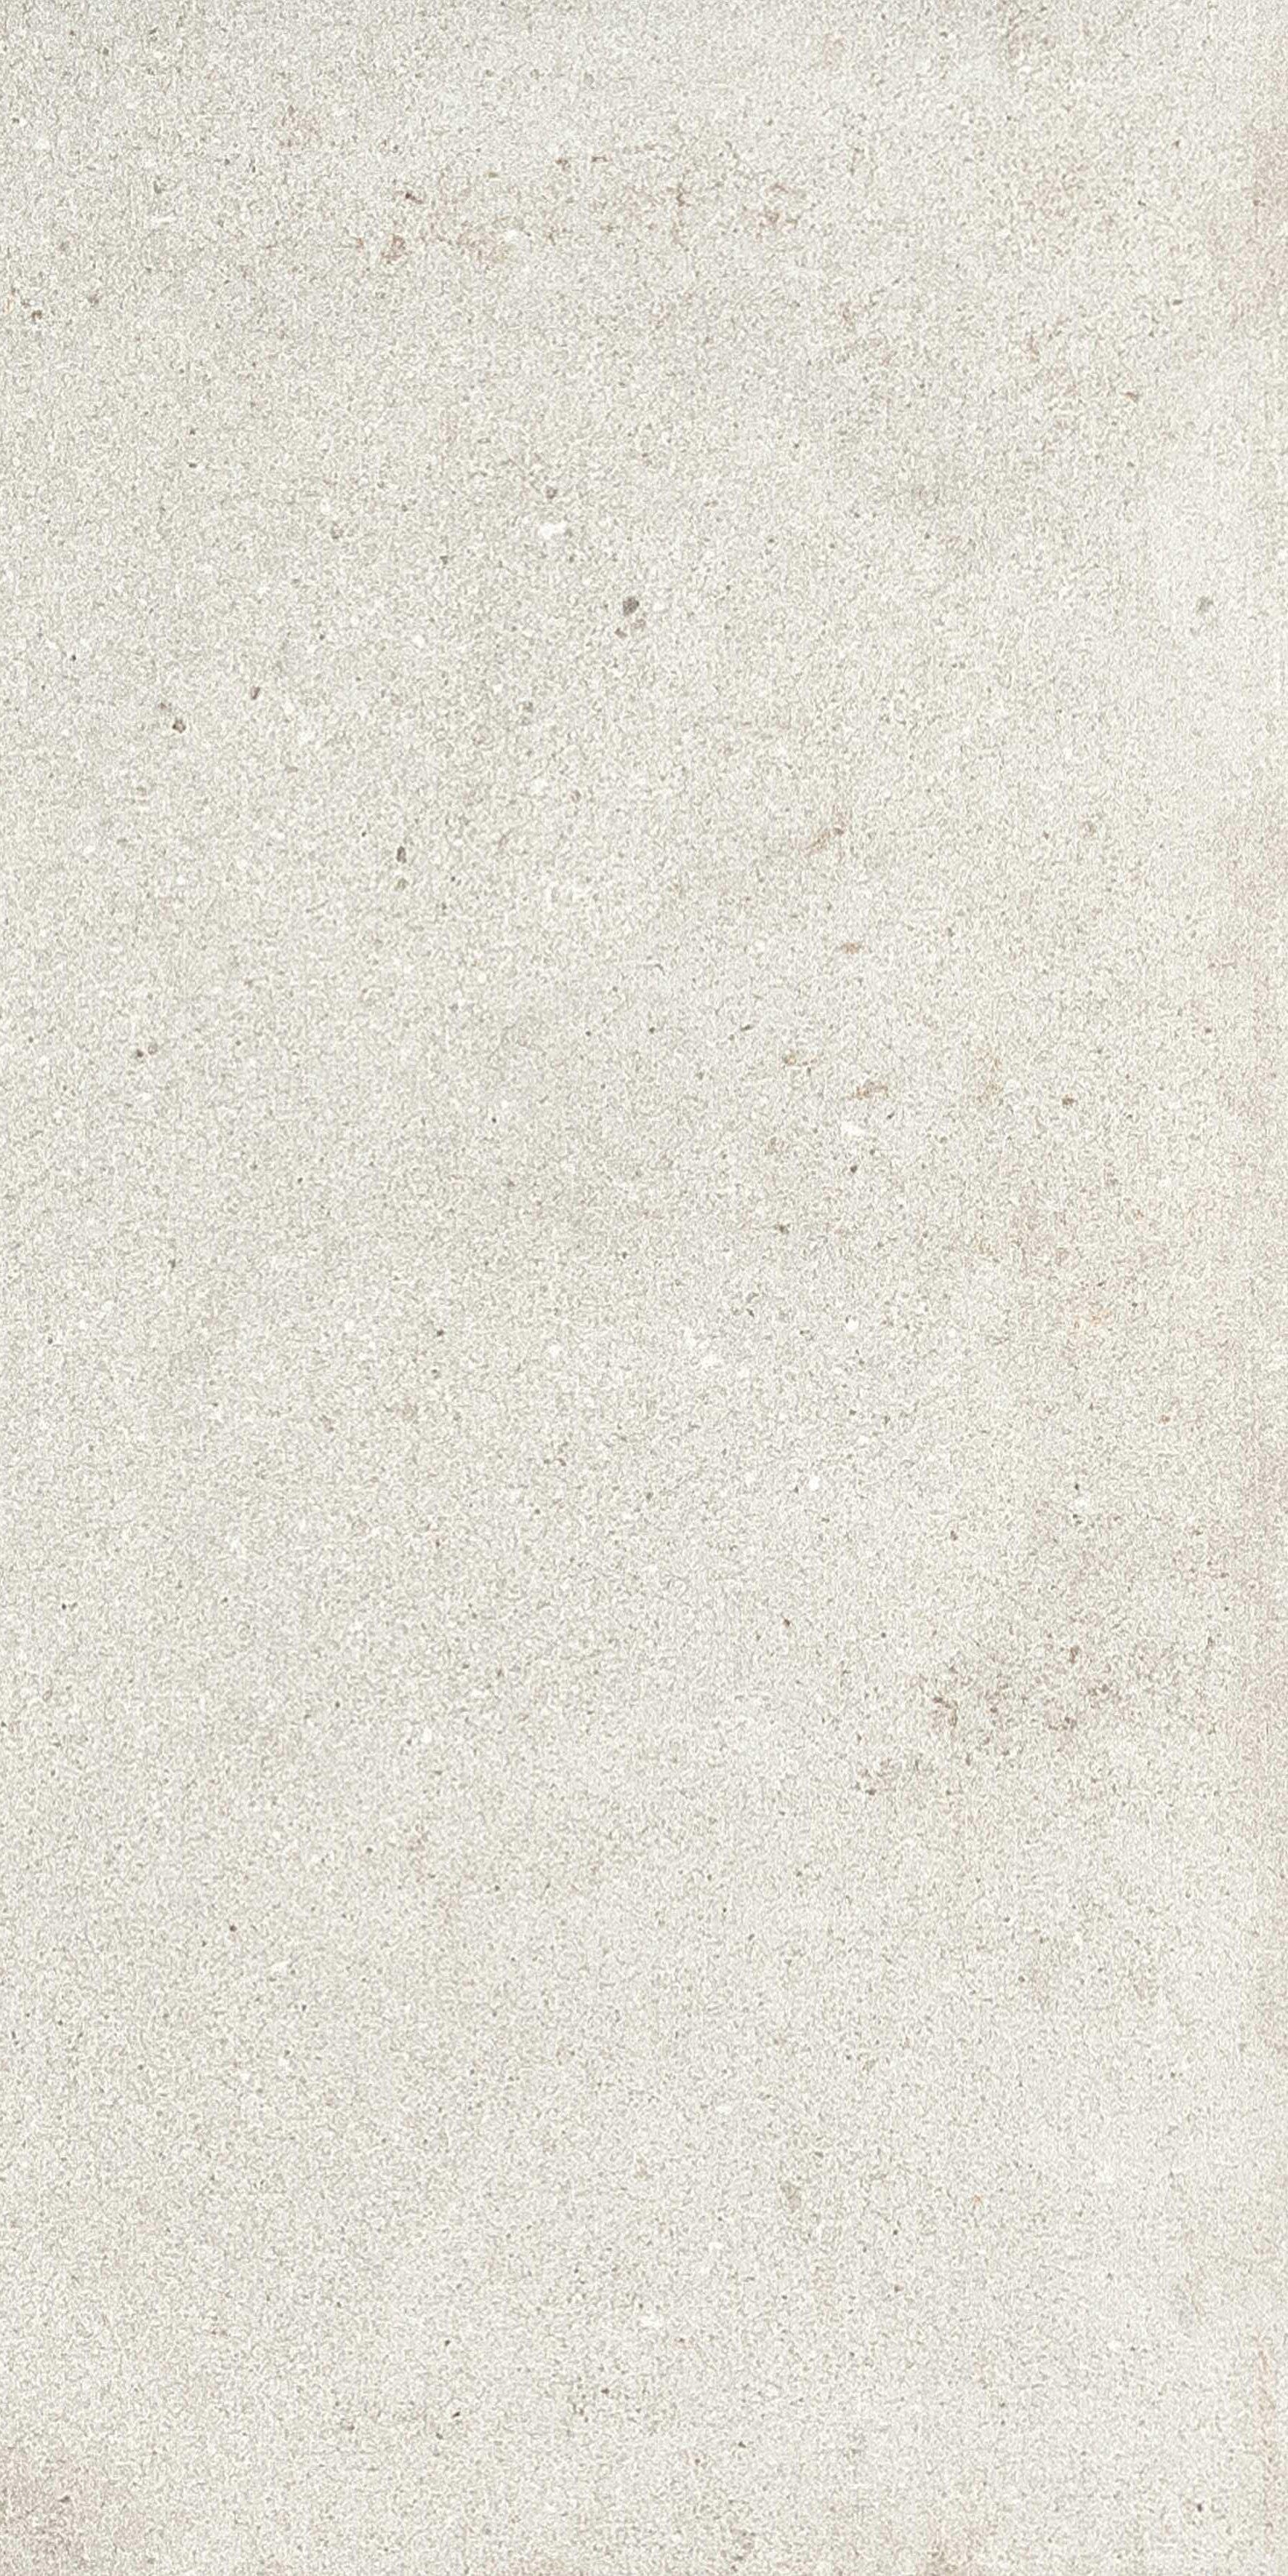 Sidewalk White Cement Texture Concrete Texture Tiles Texture